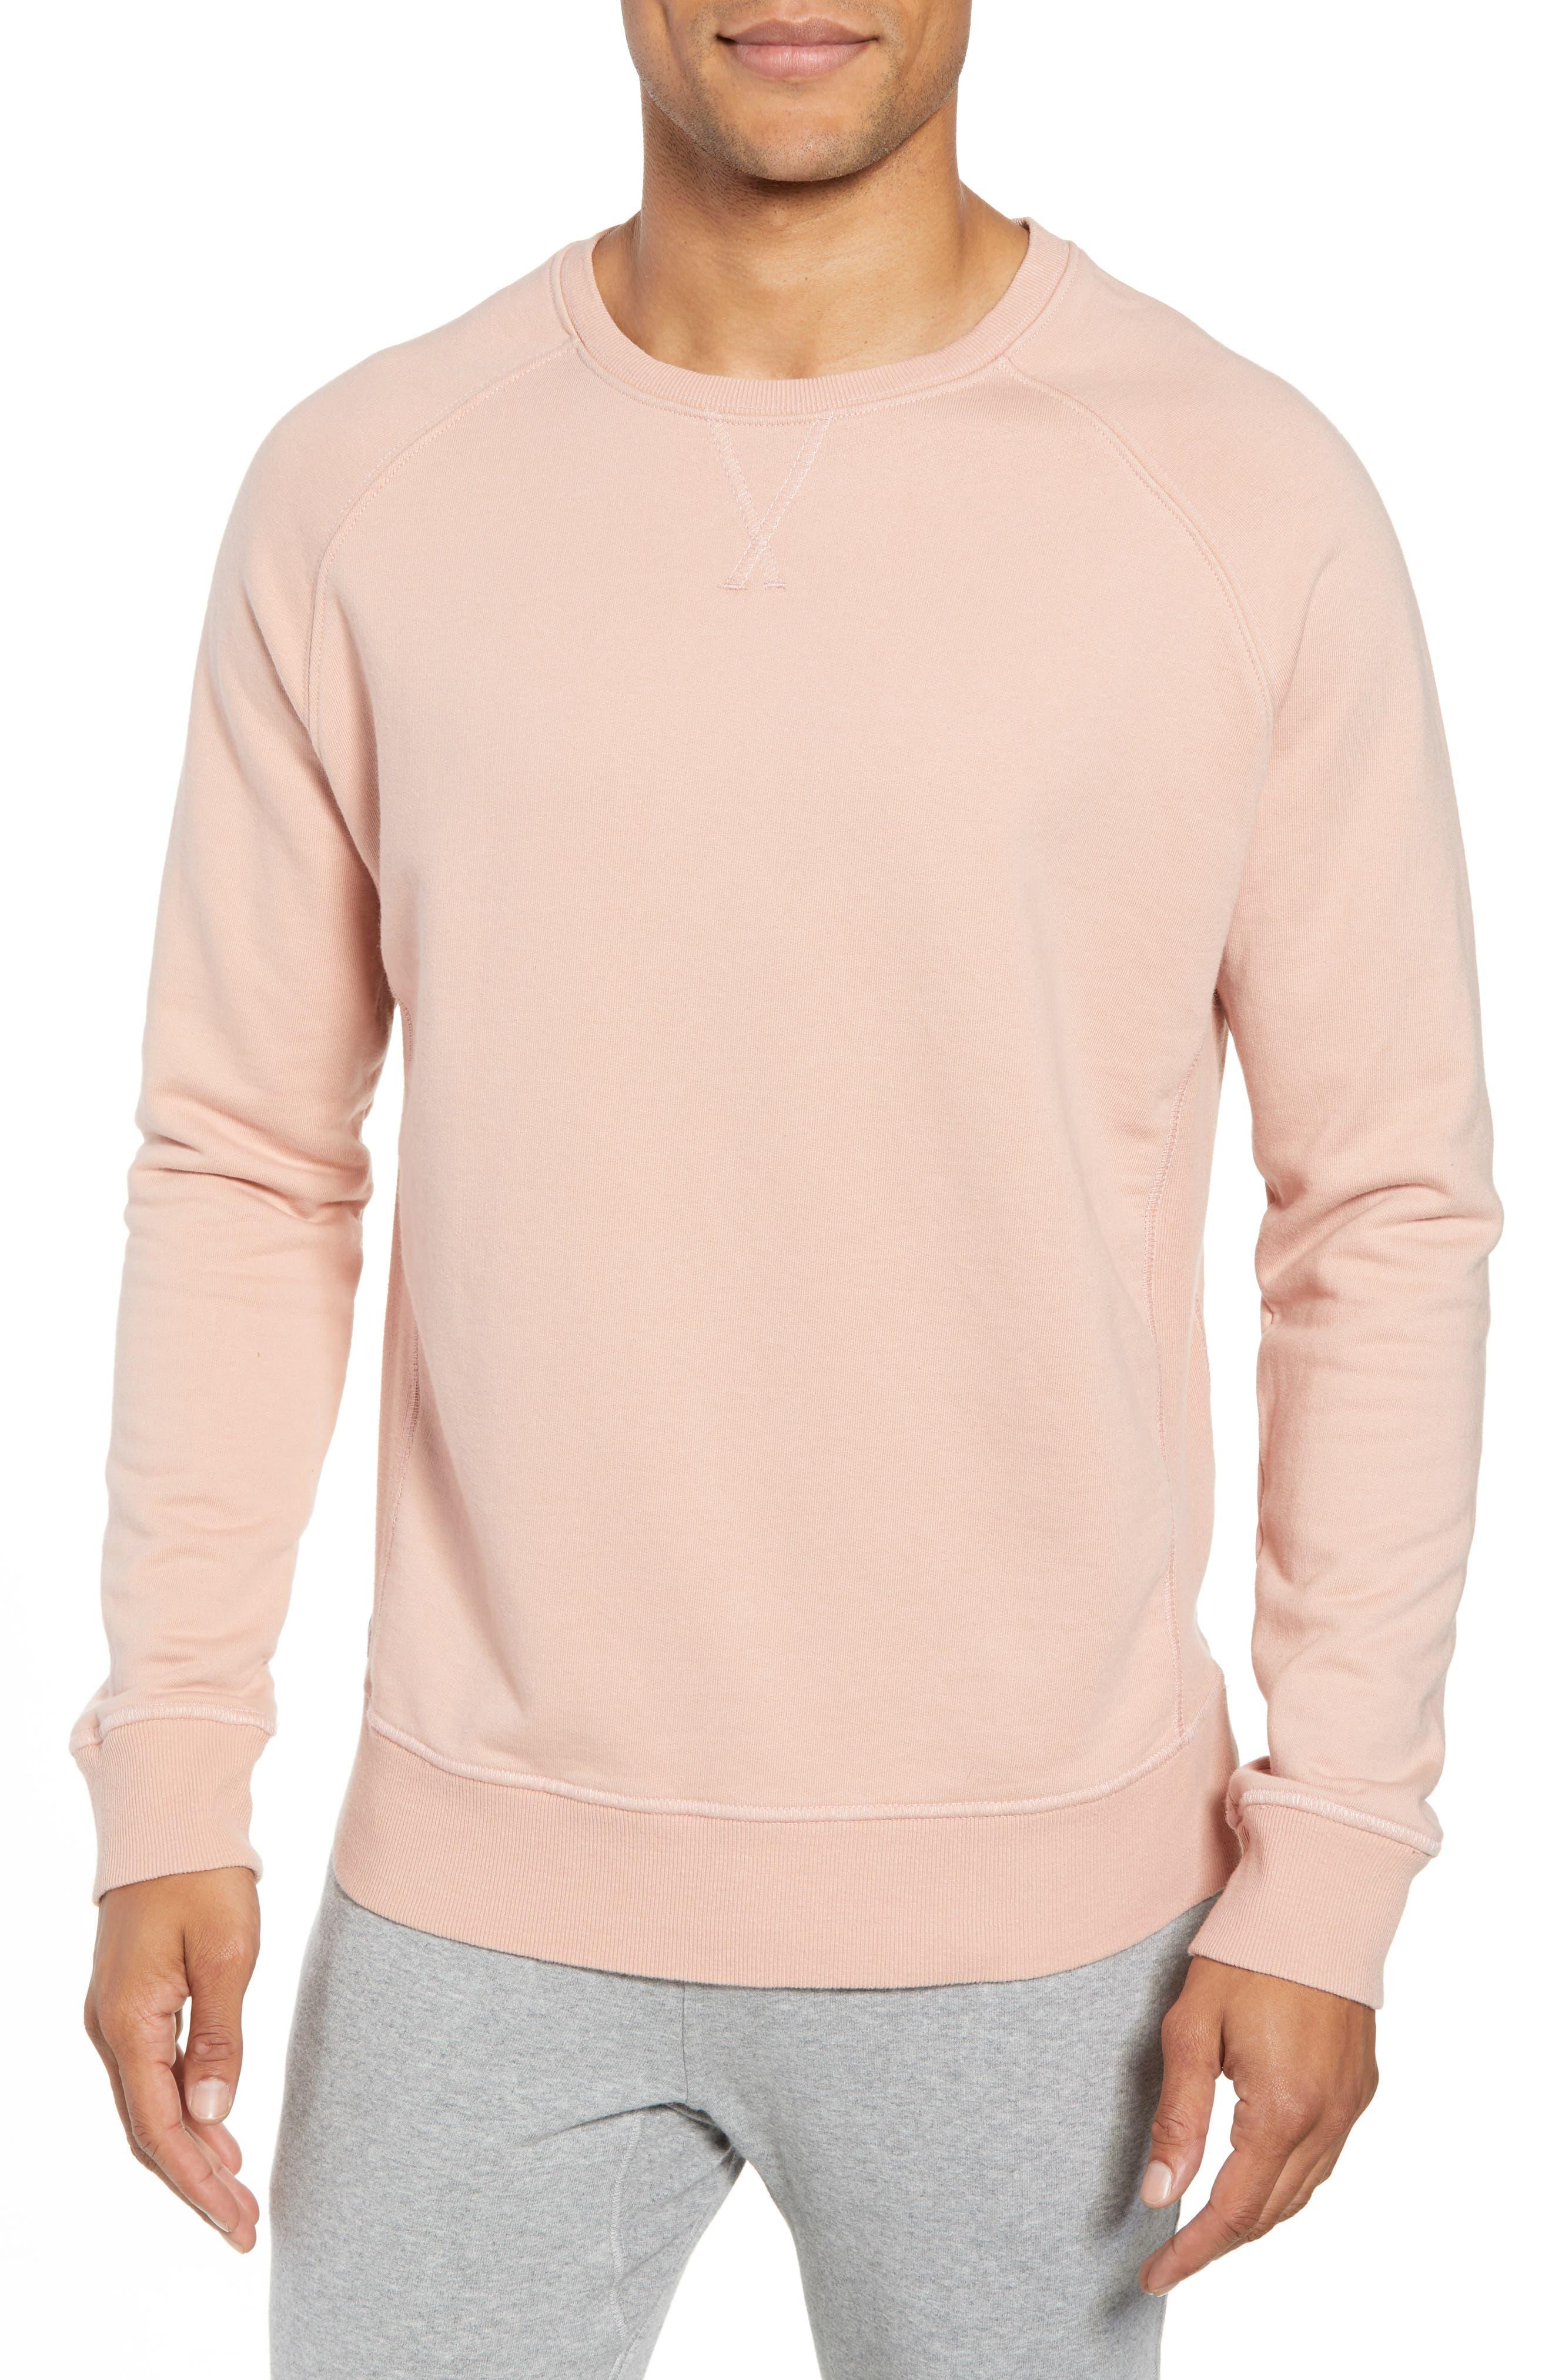 RICHER POORER Crewneck Cotton Sweatshirt in Blush